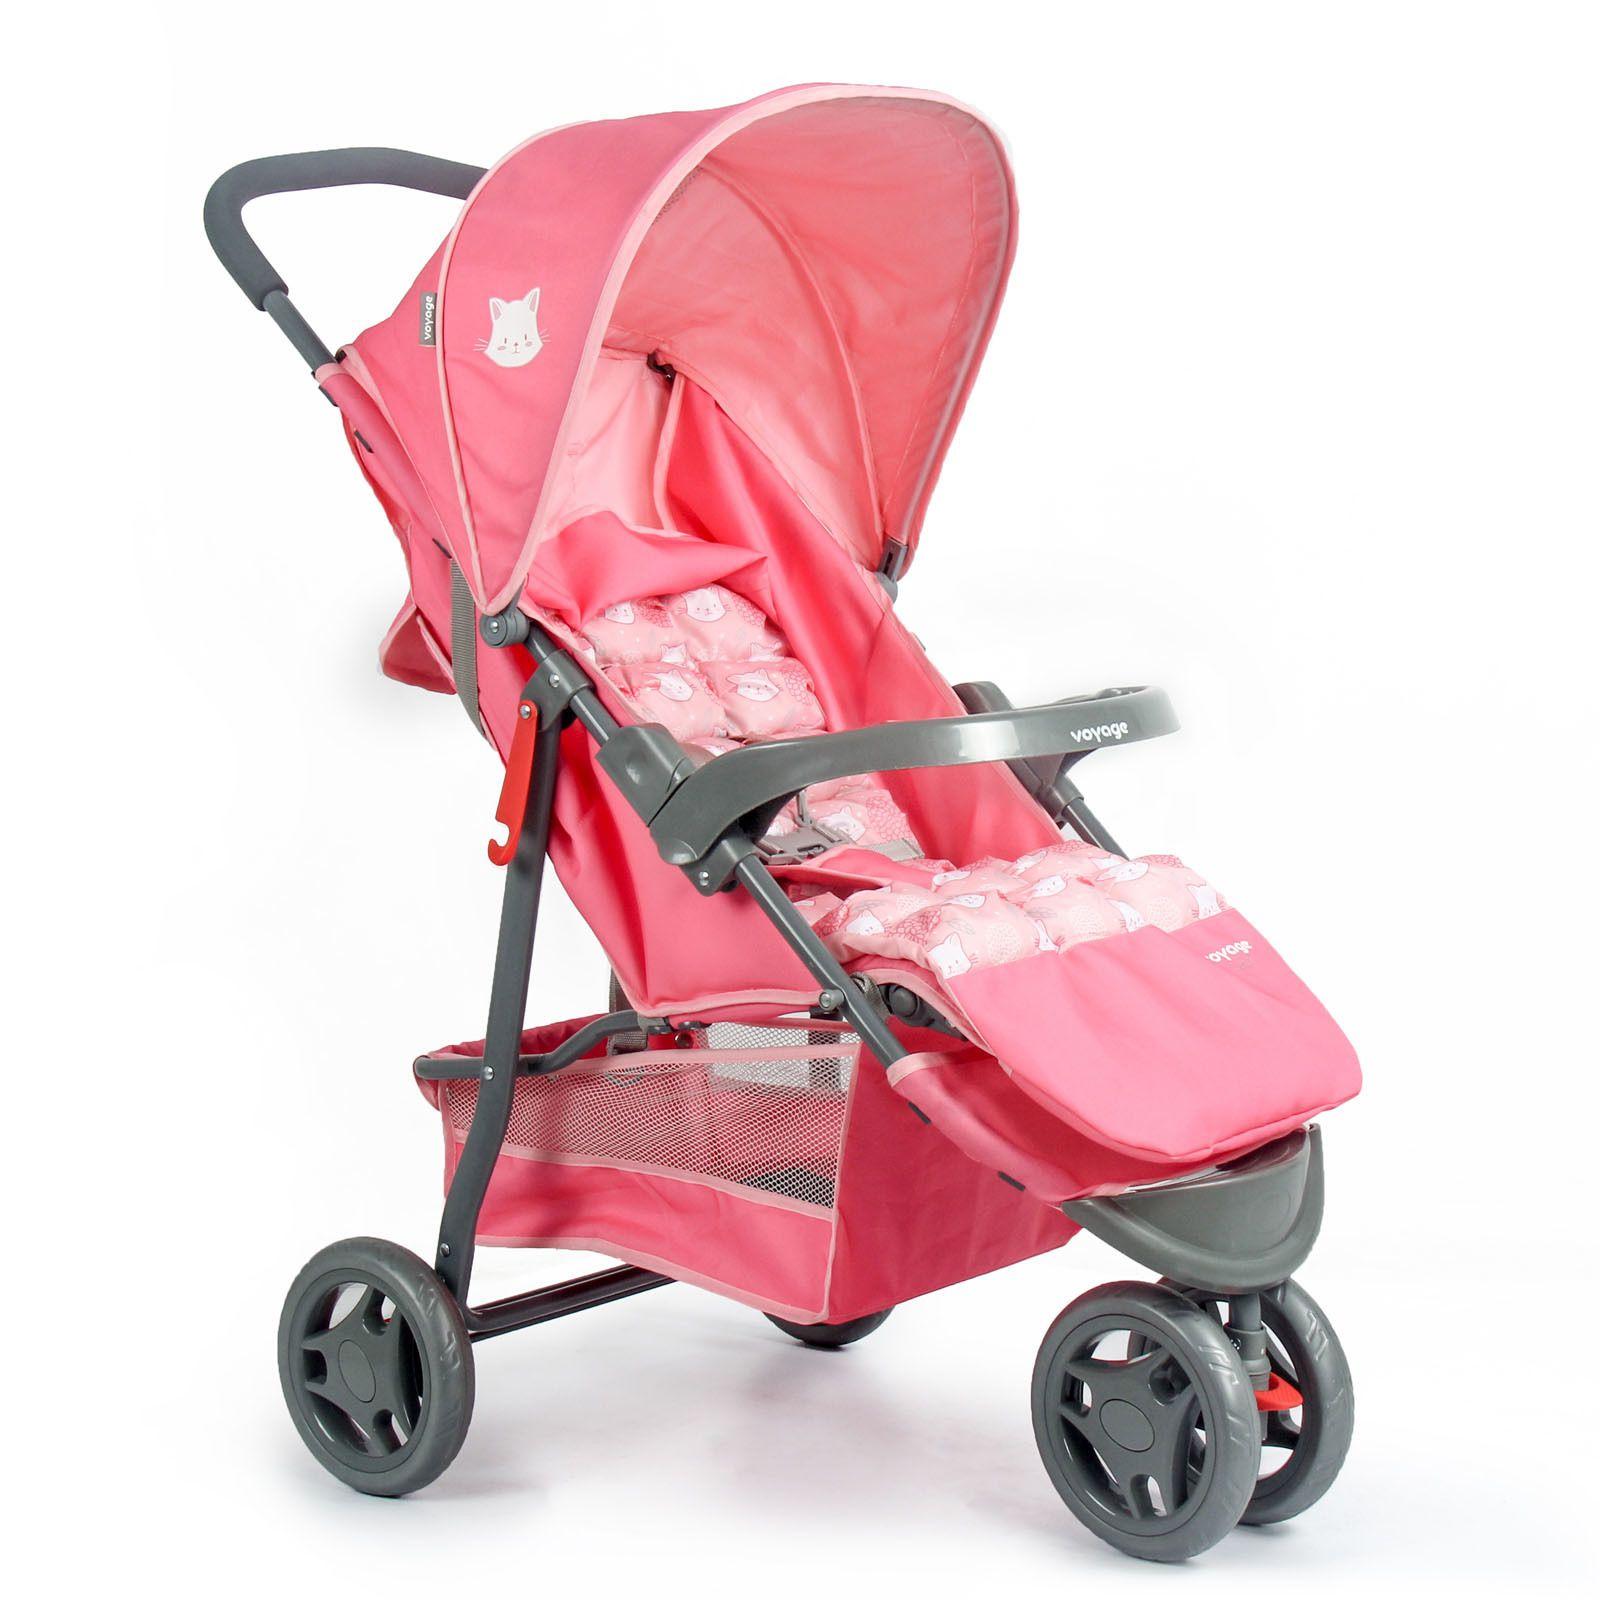 Carrinho de Bebê Delta Rosa - Voyage